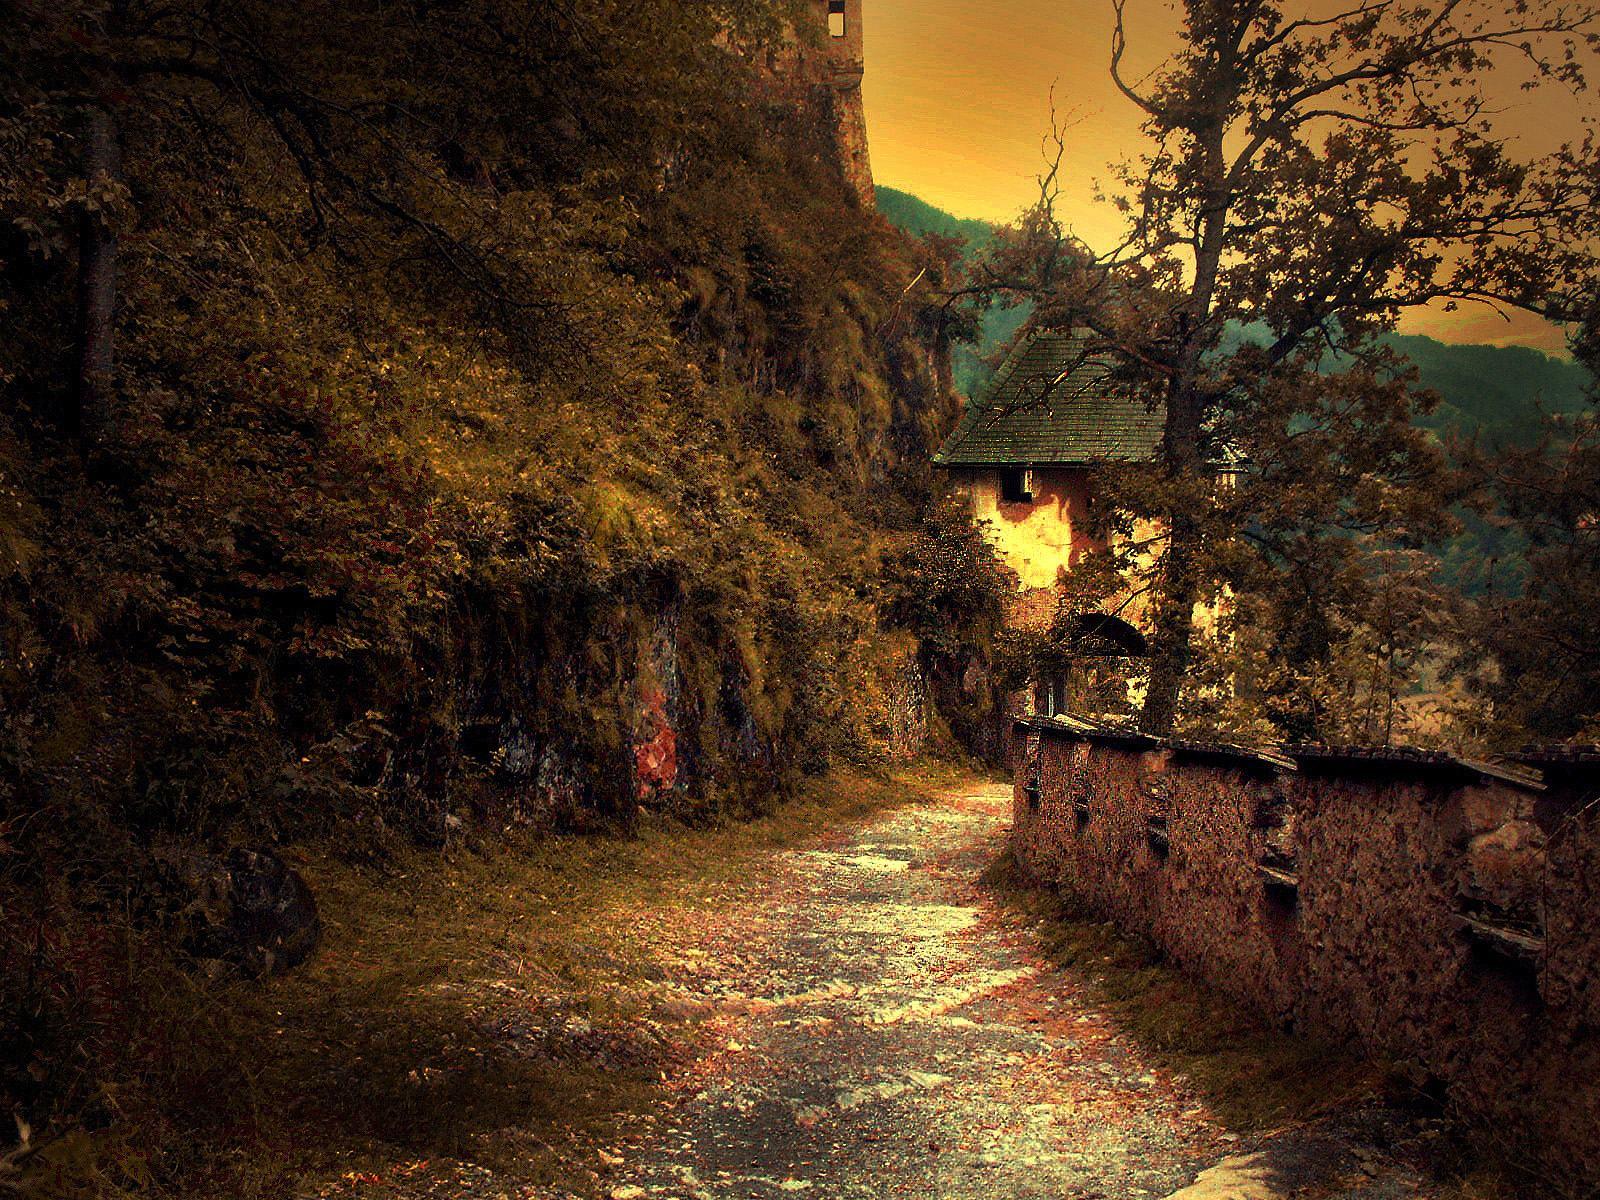 Traseul care duce spre castel pare a fi desprins din povești